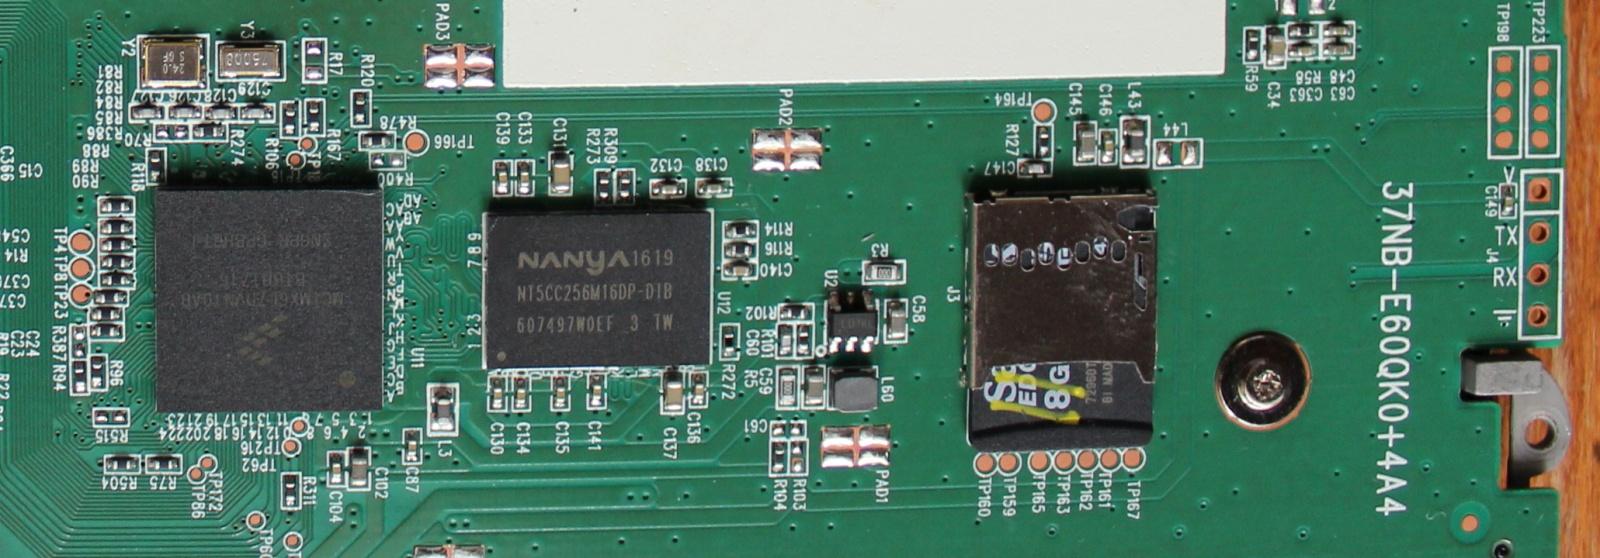 Суровый хенд-мейд от инженера-электронщика: разбираем PocketBook 631 Plus и оснащаем его солнечной батареей - 8